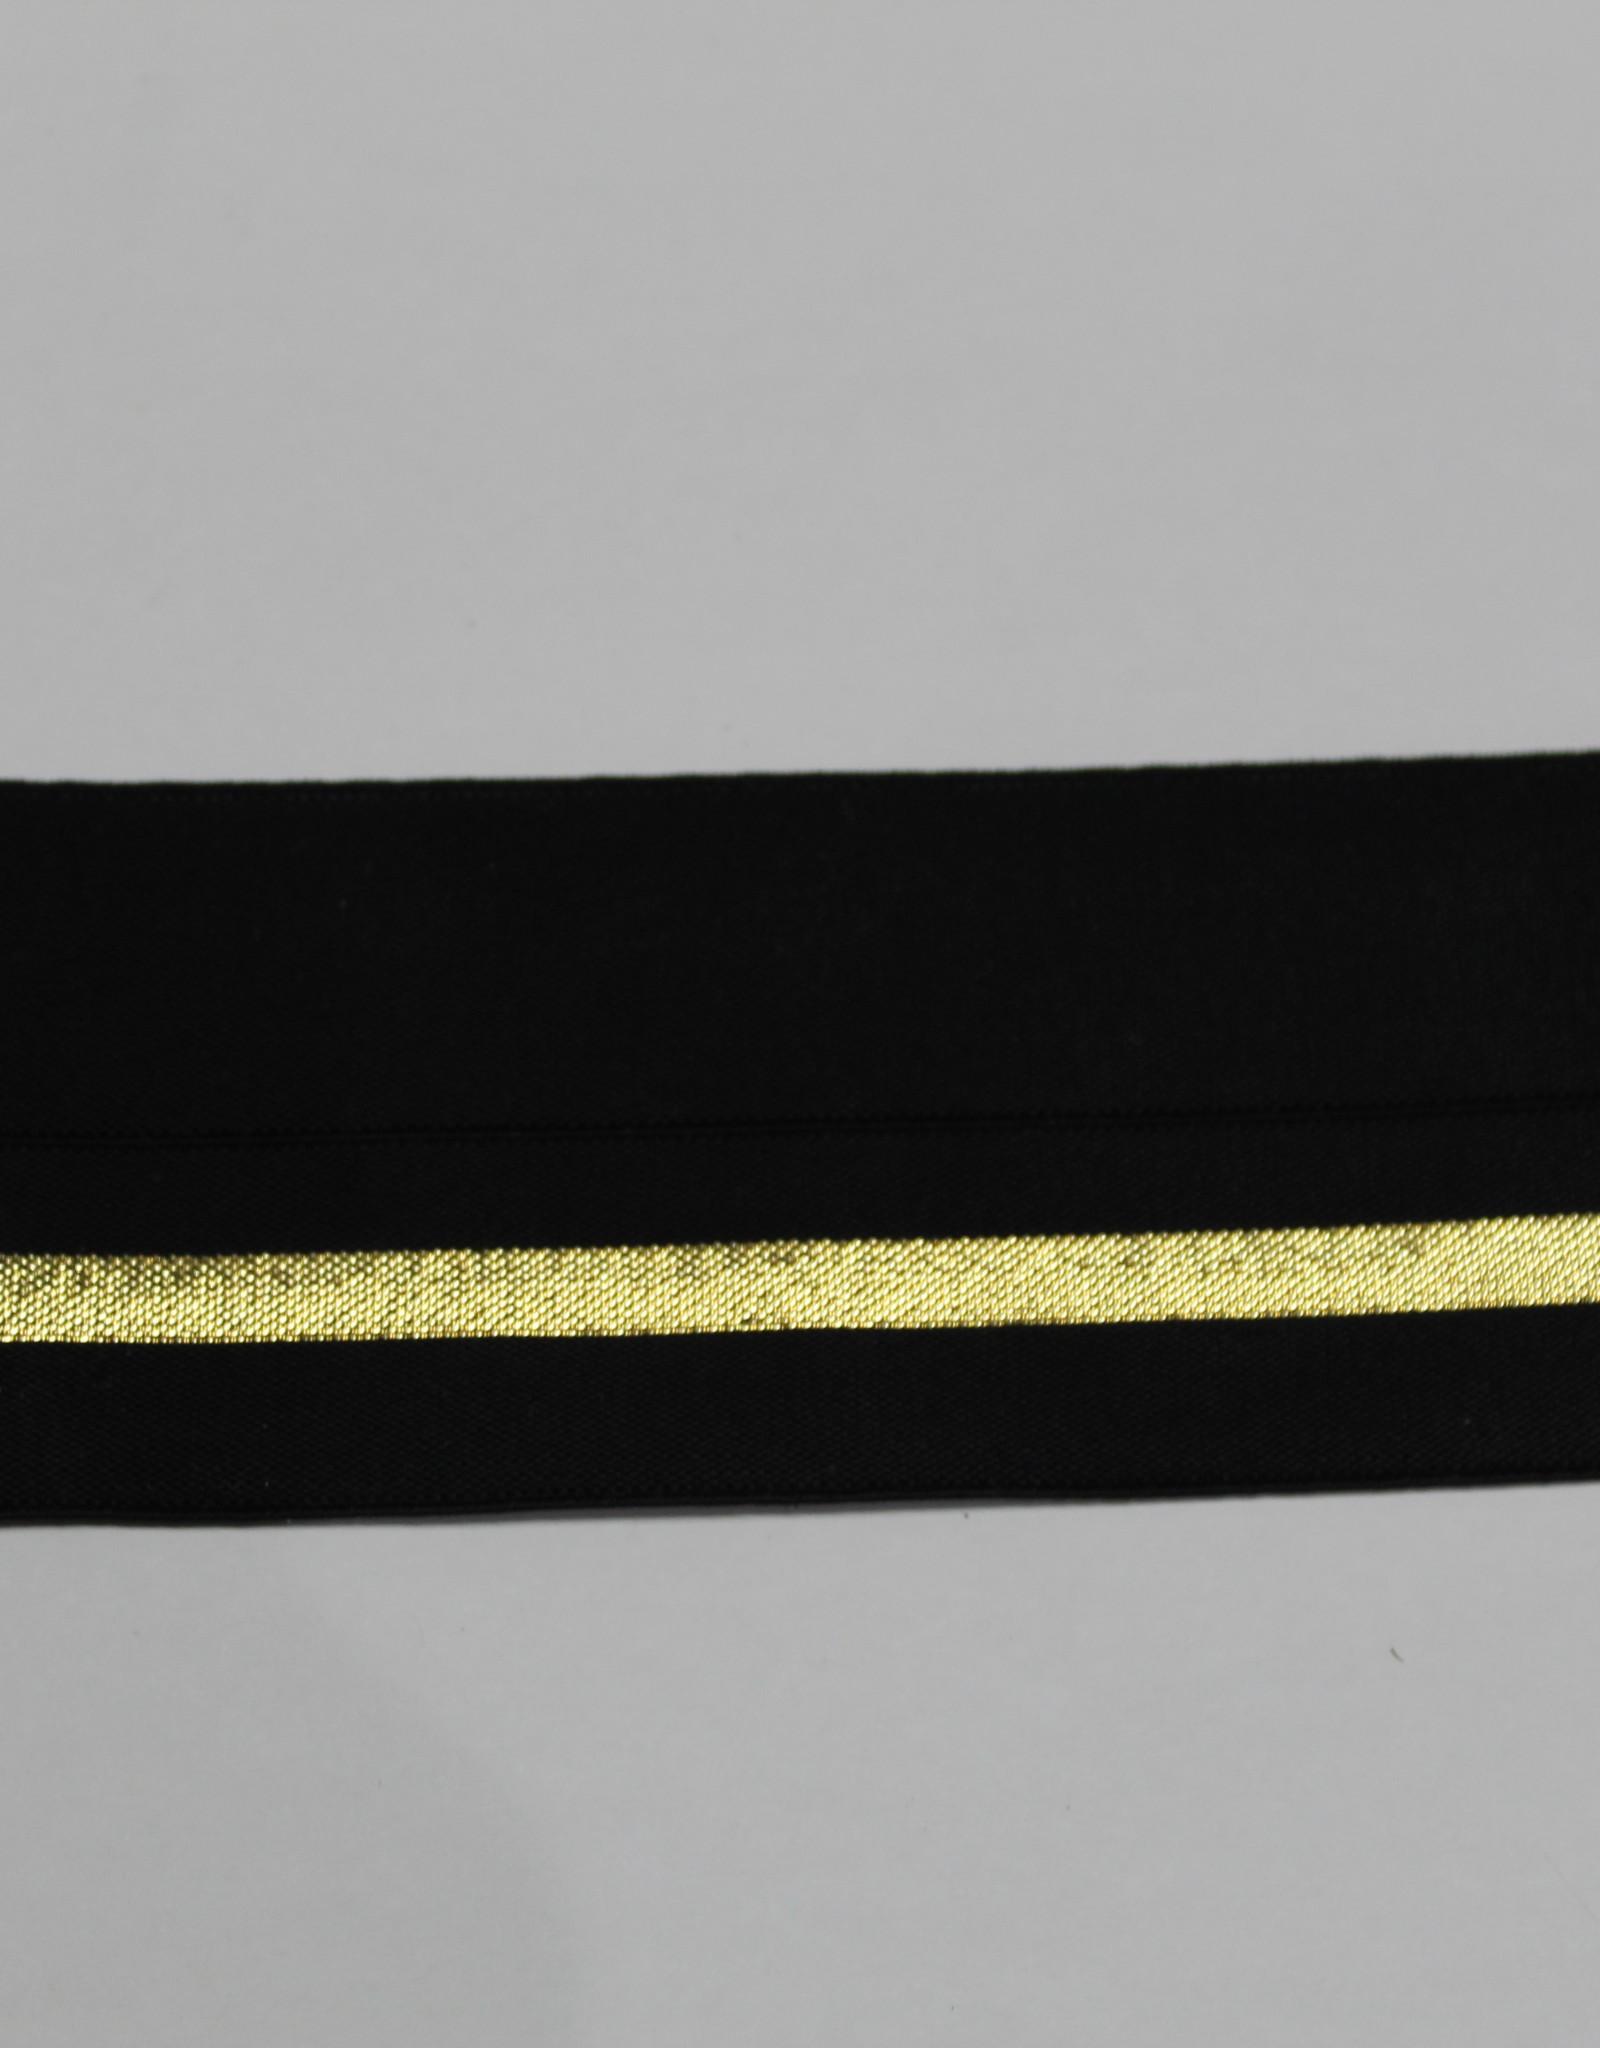 Elastisch biaislint zwart met goud lijn 38mm